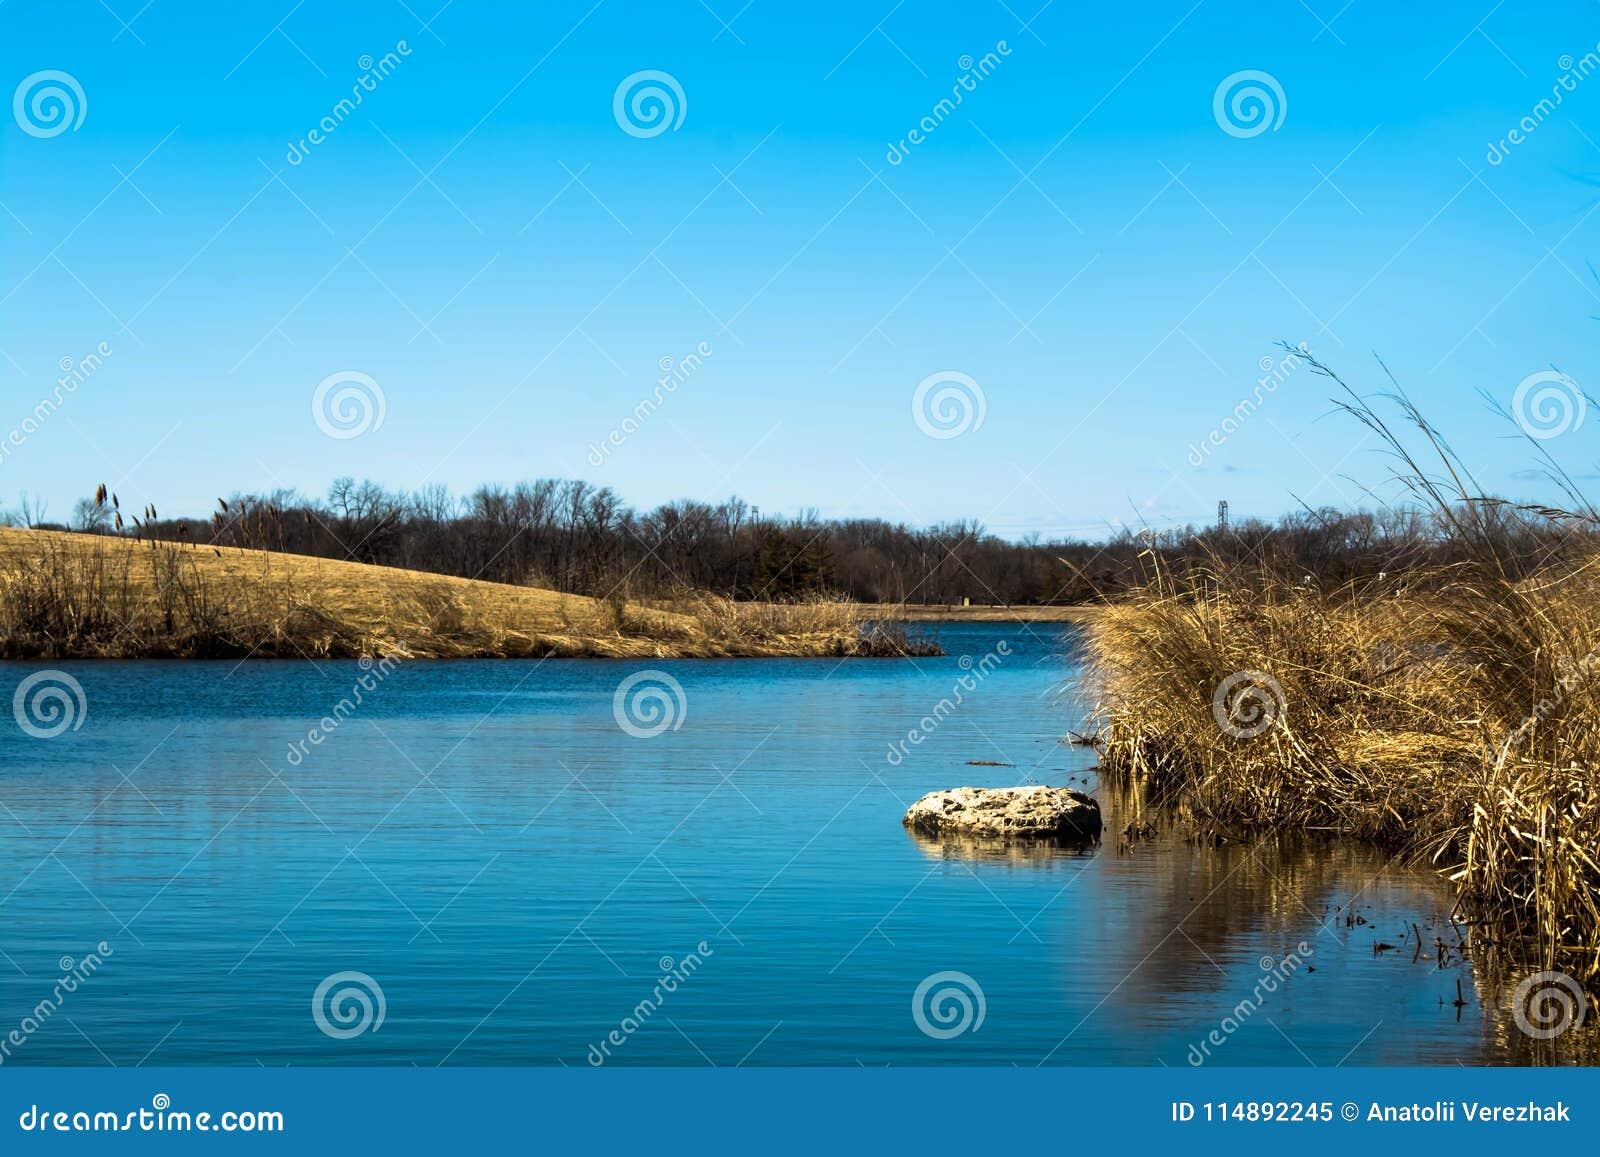 Μπλε κολπίσκος νερού σε μια ηλιόλουστη αλλά κρύα ημέρα